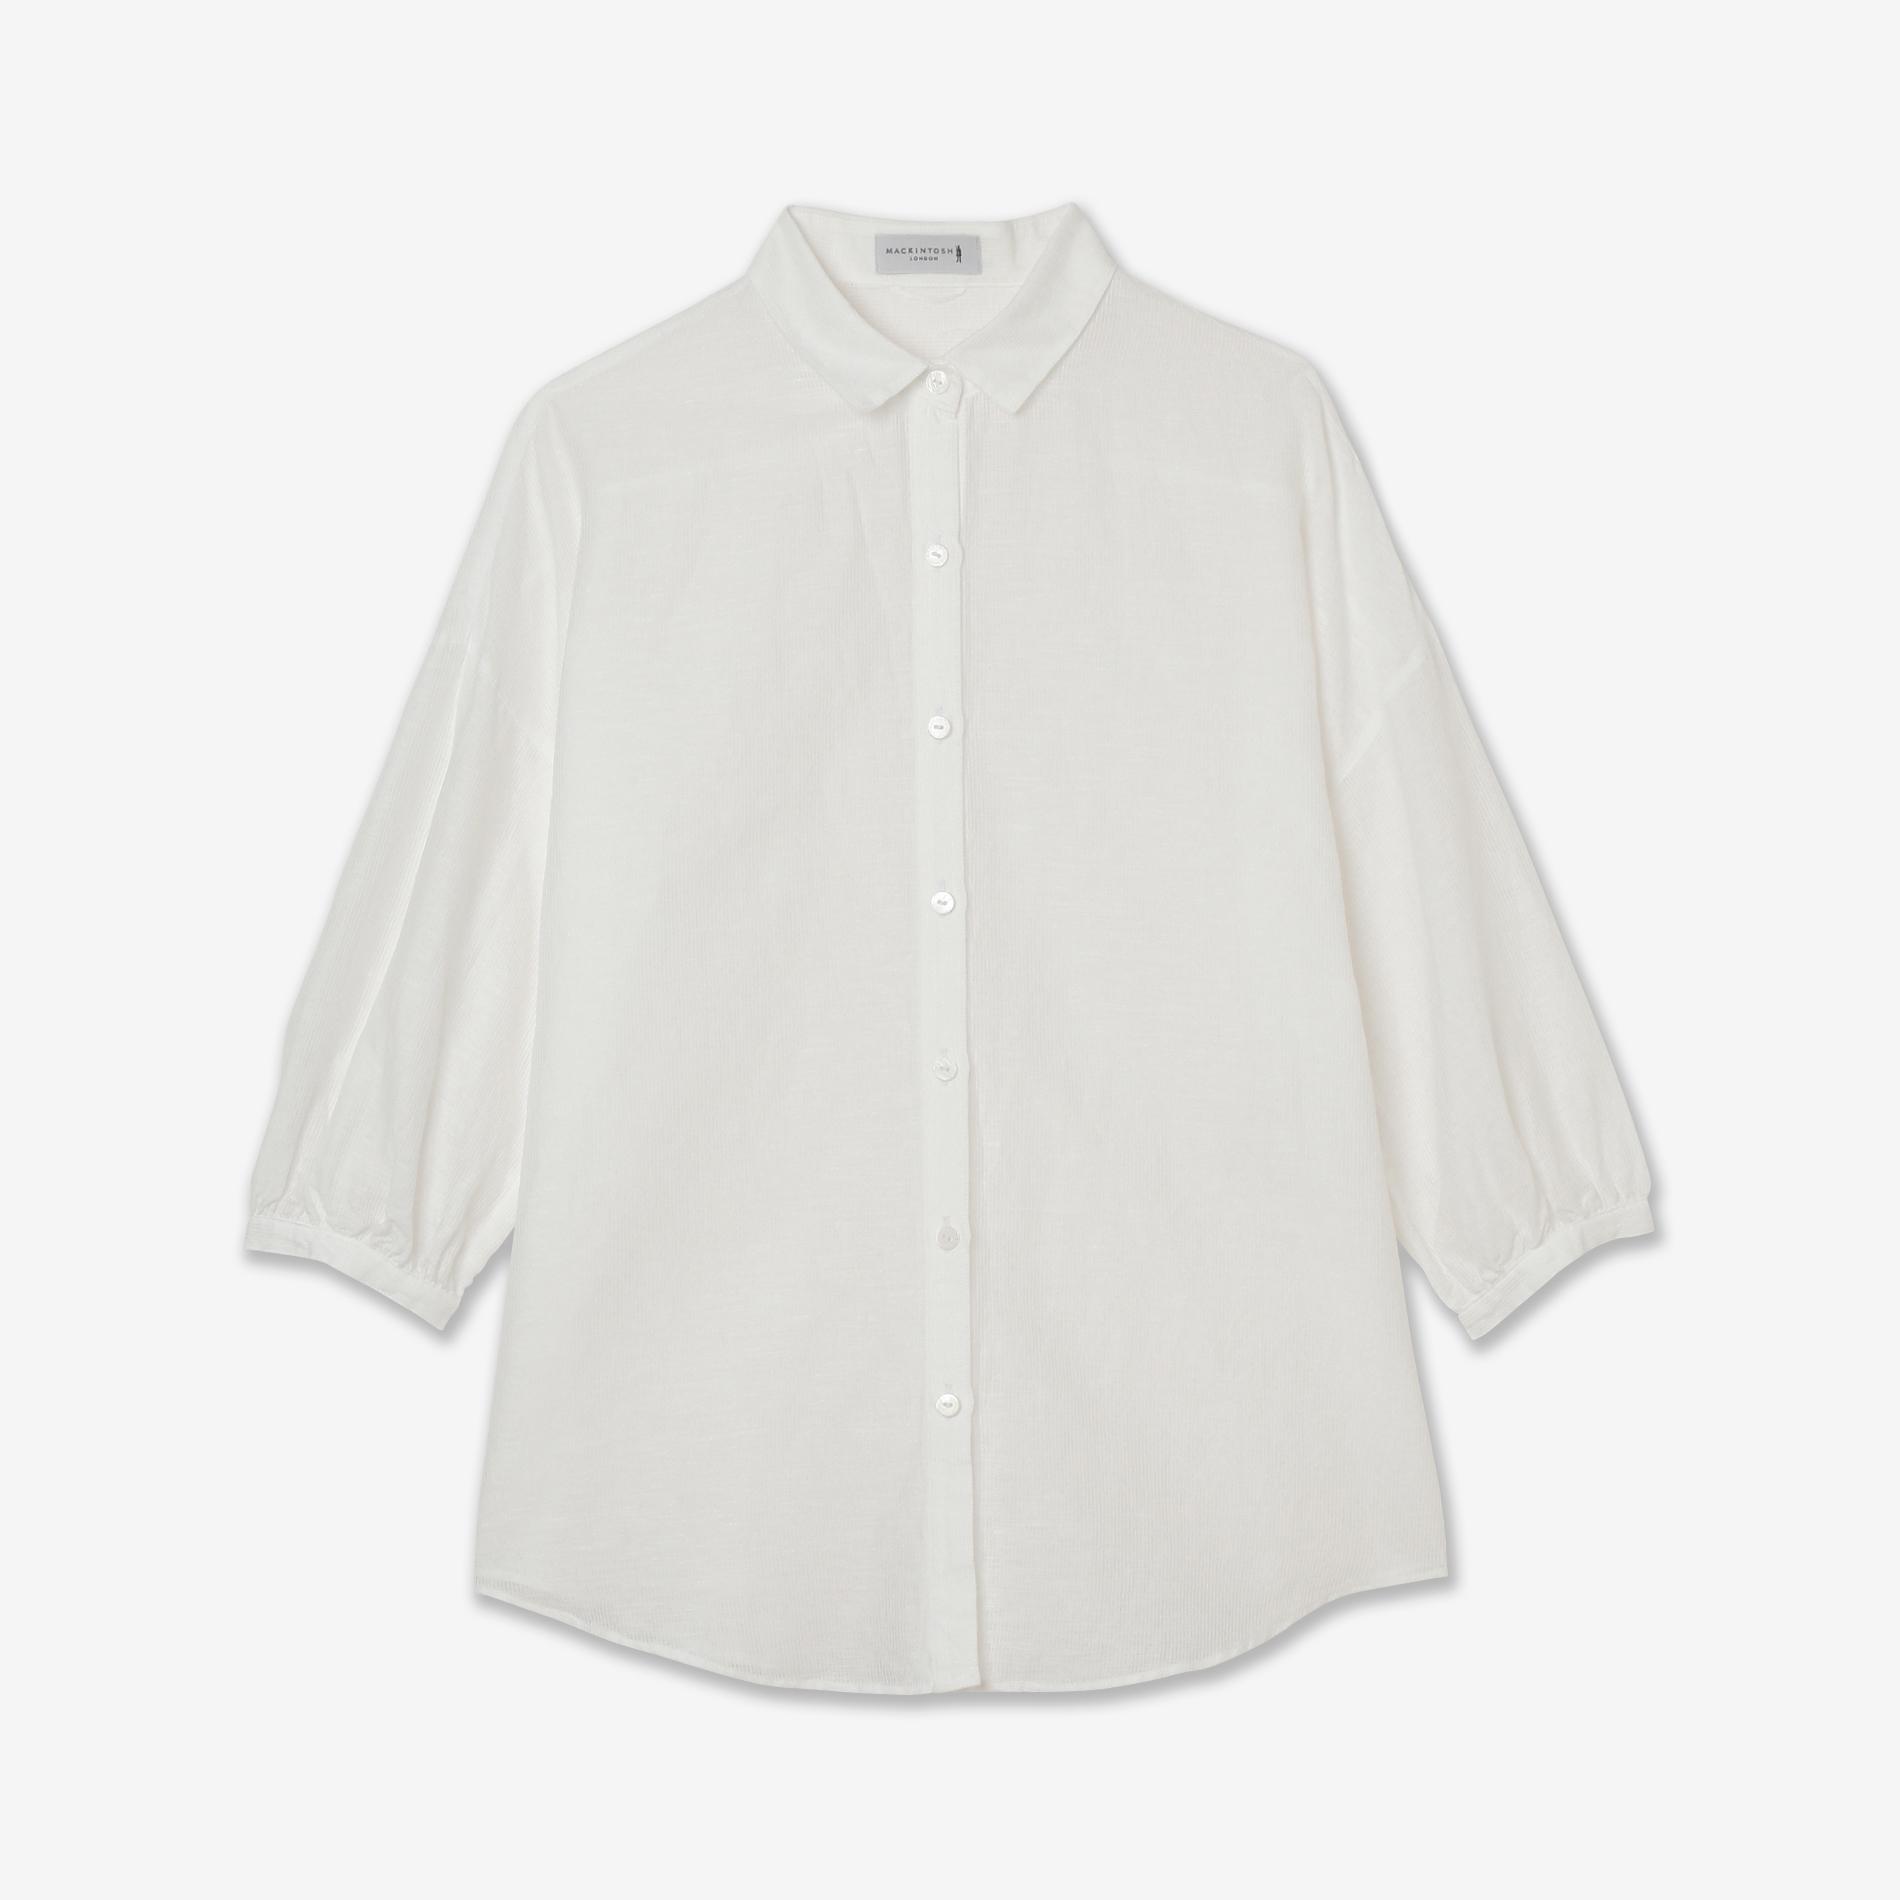 コットンリネンピケボイルシャツ